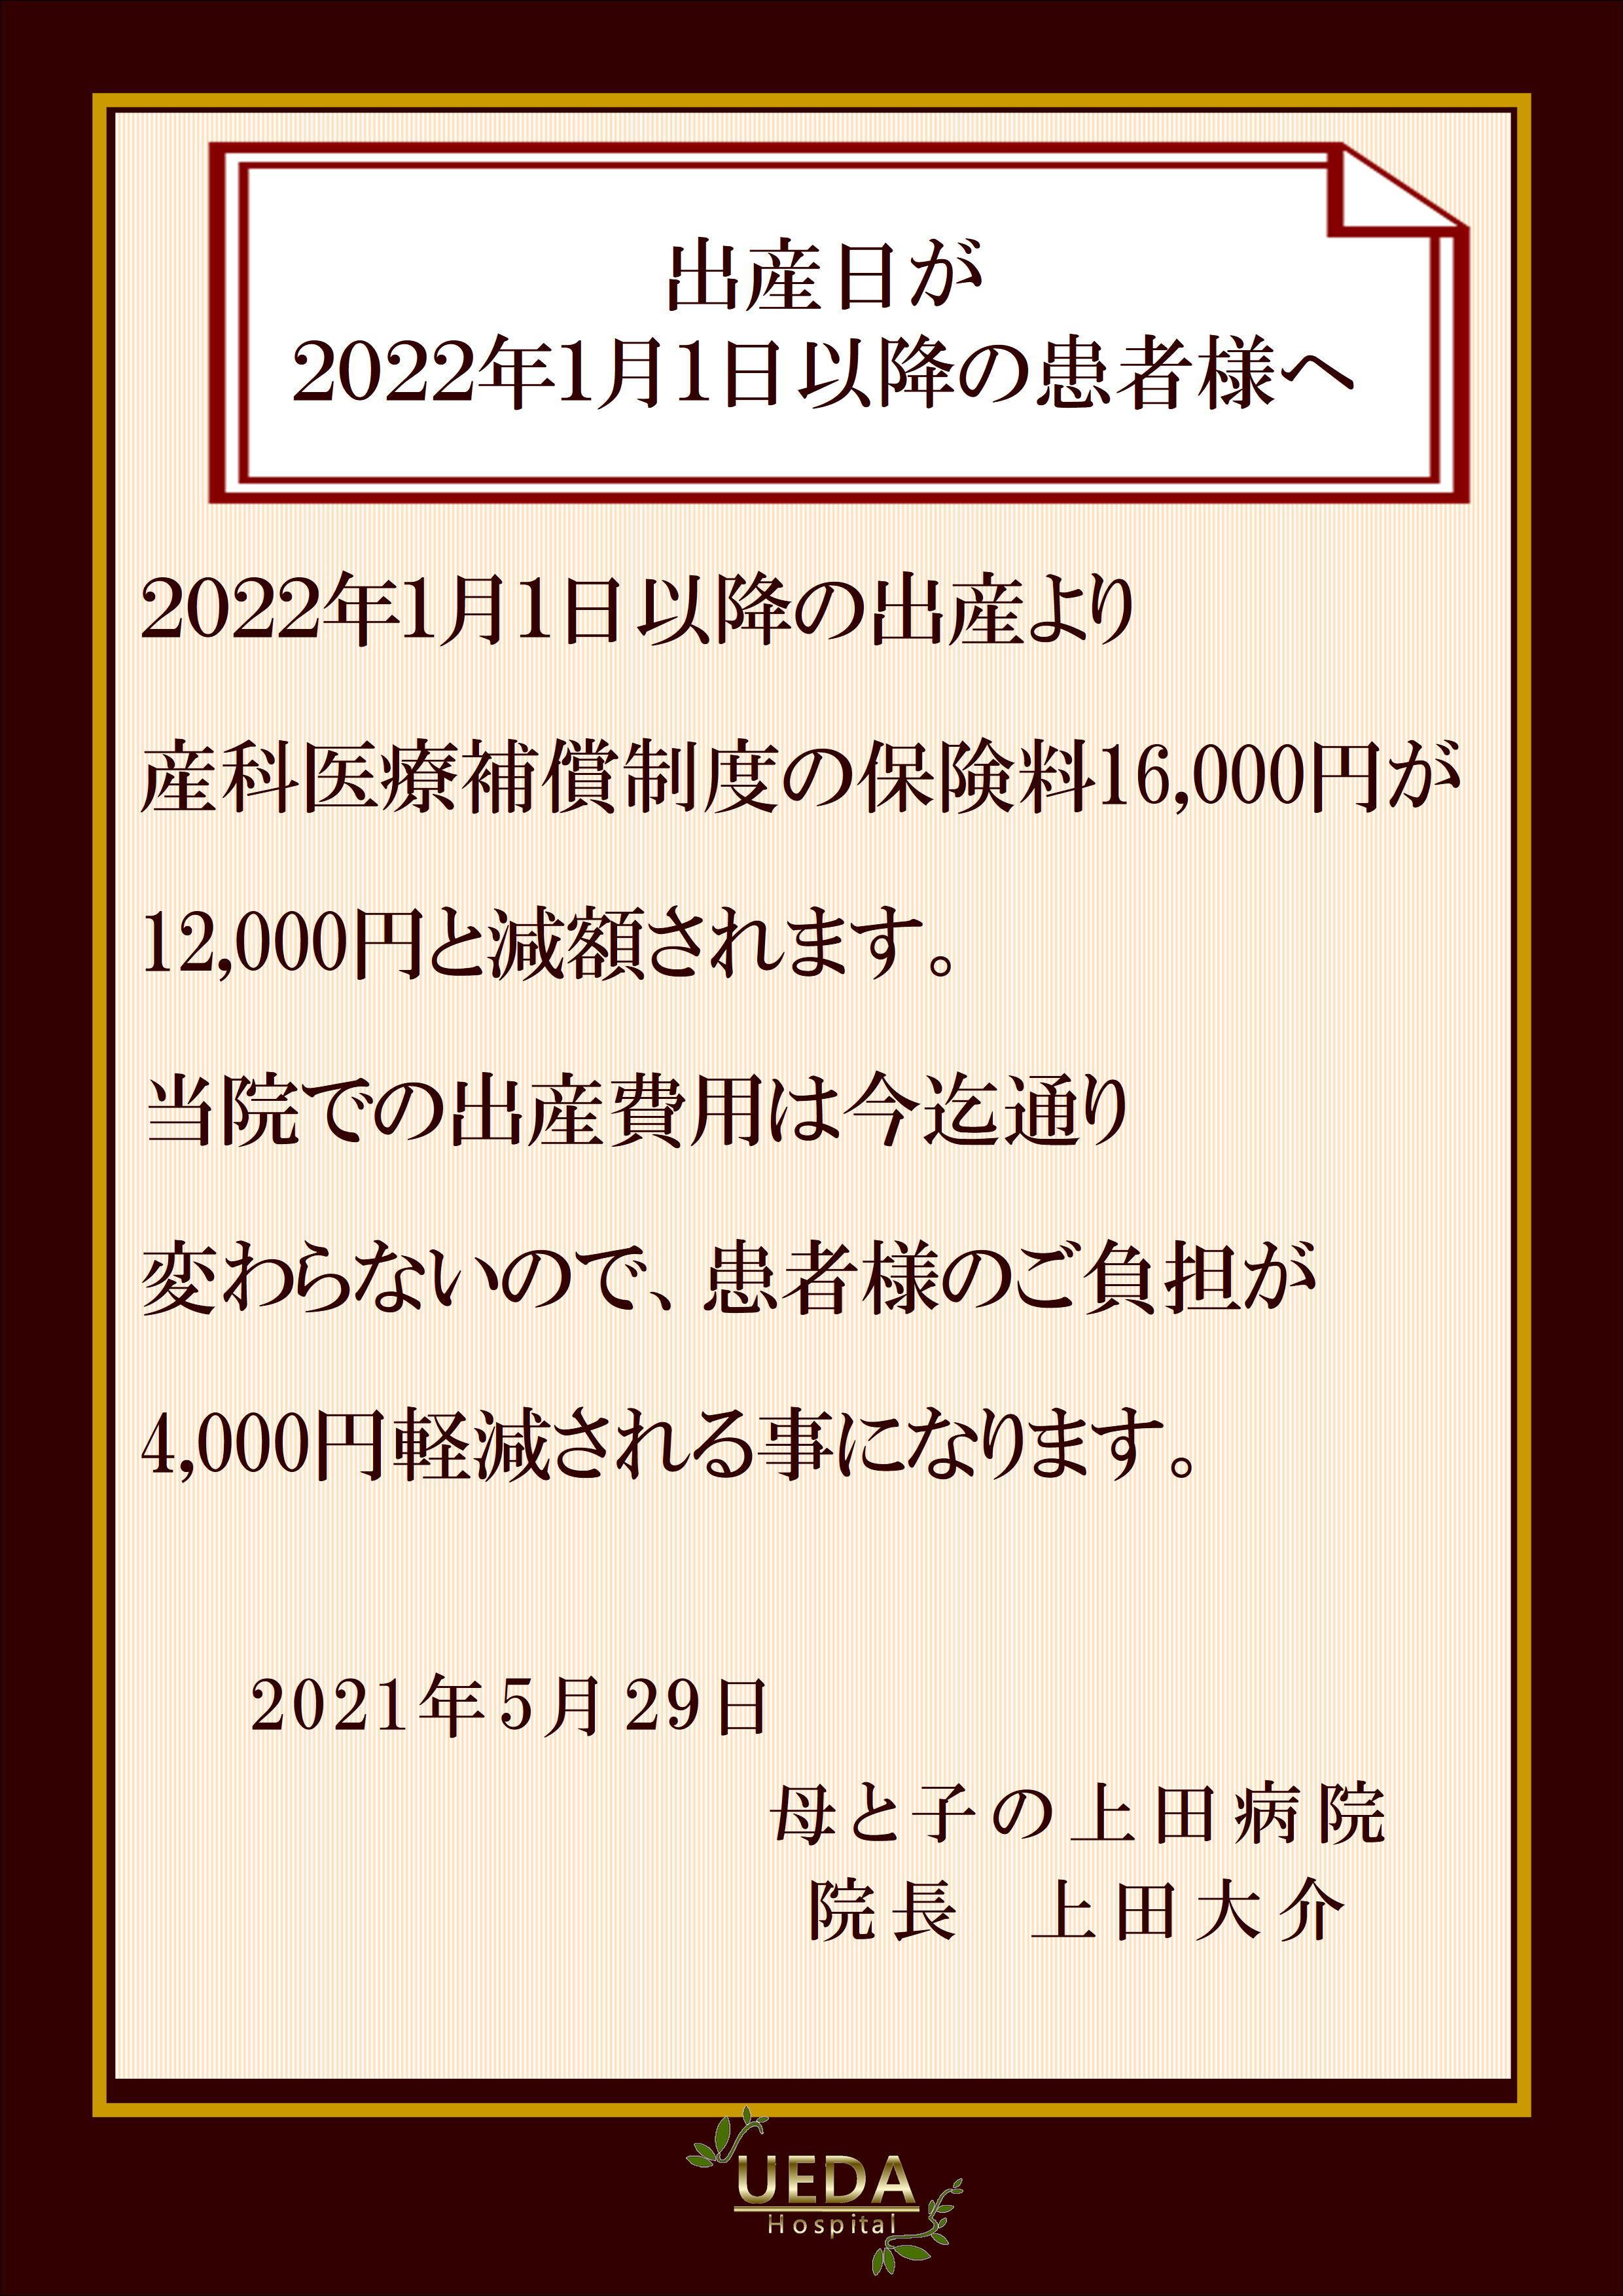 2022年1月1日より産科医療保険料.JPG